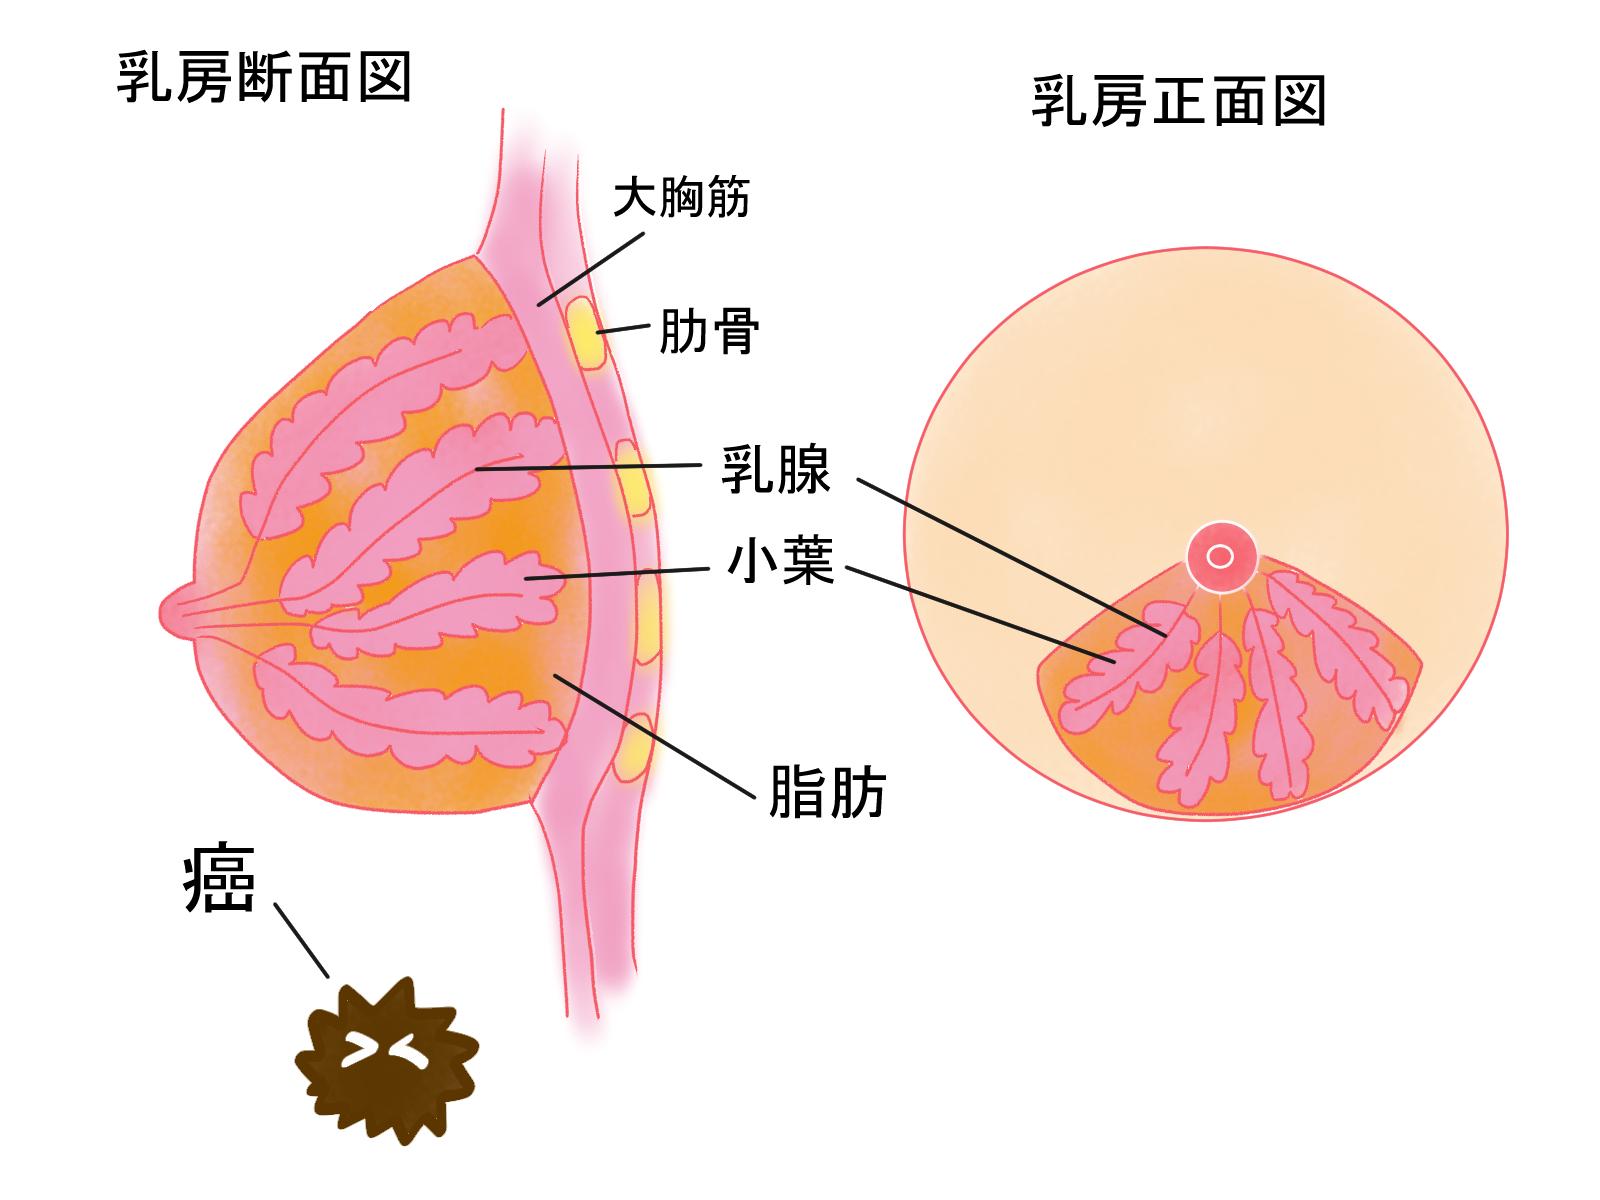 北斗晶さんはマンモグラフィ検診で乳癌に??